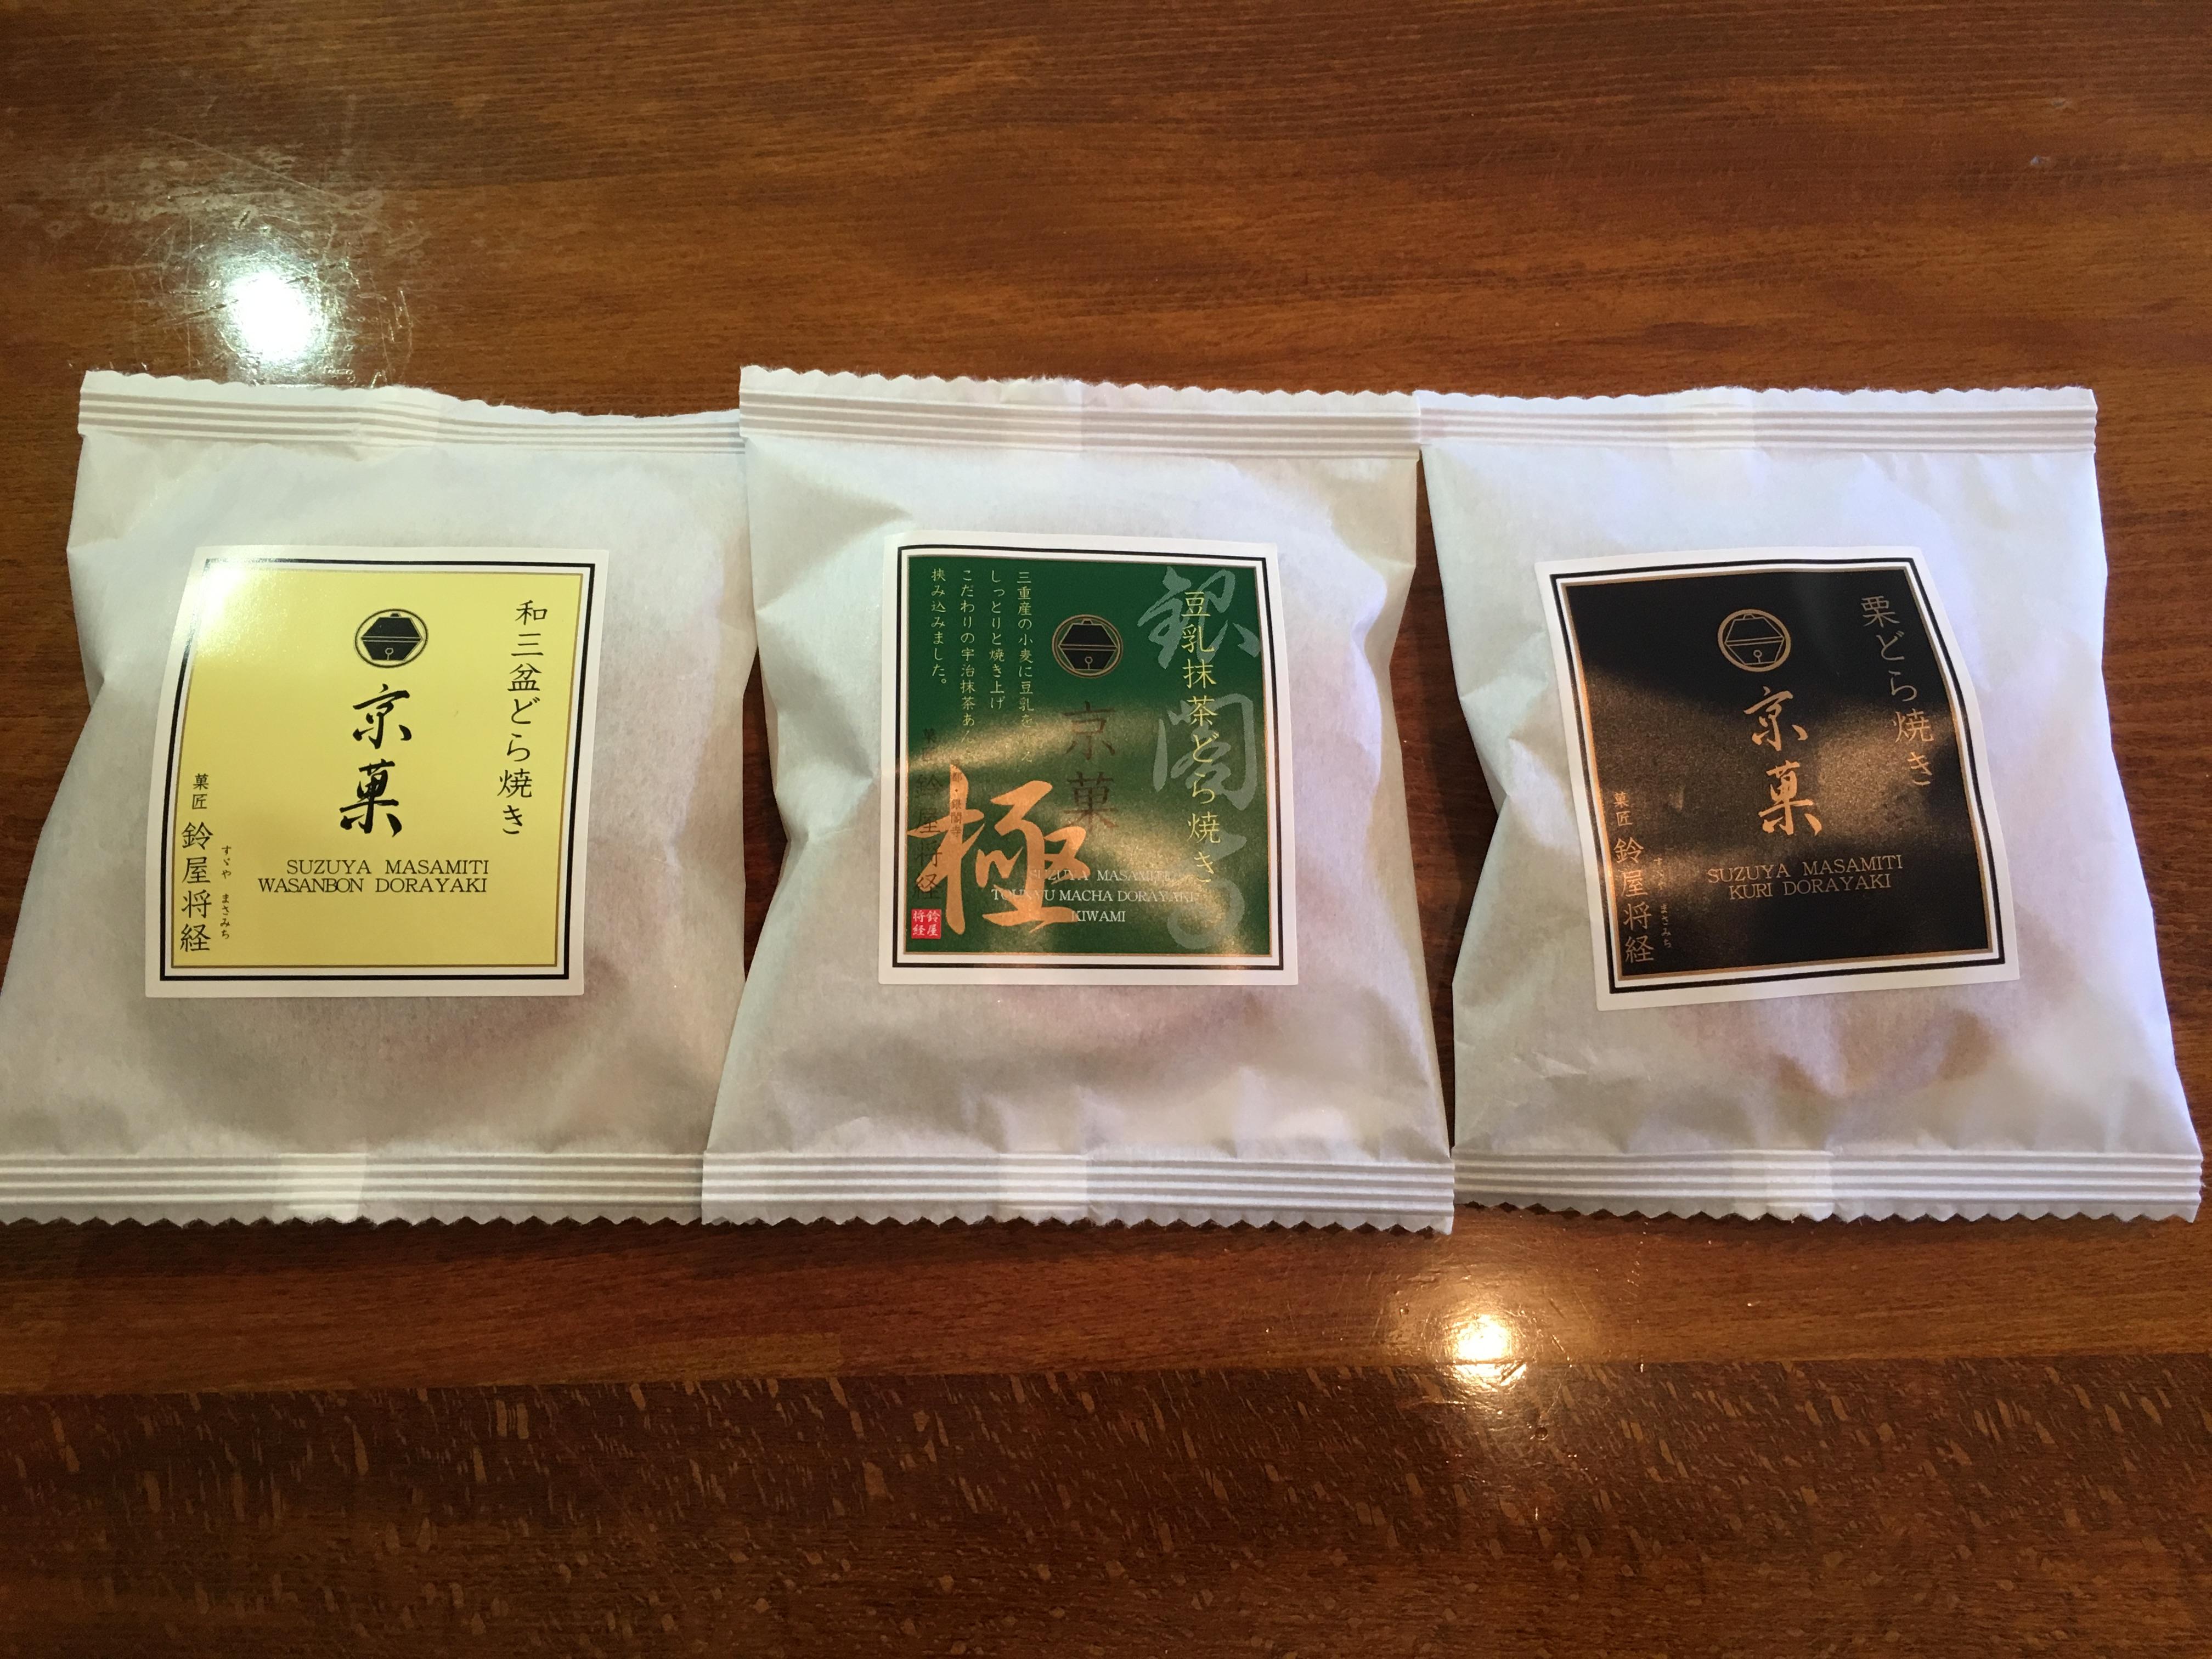 京都にある鈴屋将経の有名どら焼き3種類を食べ比べ!1番美味しい味は?